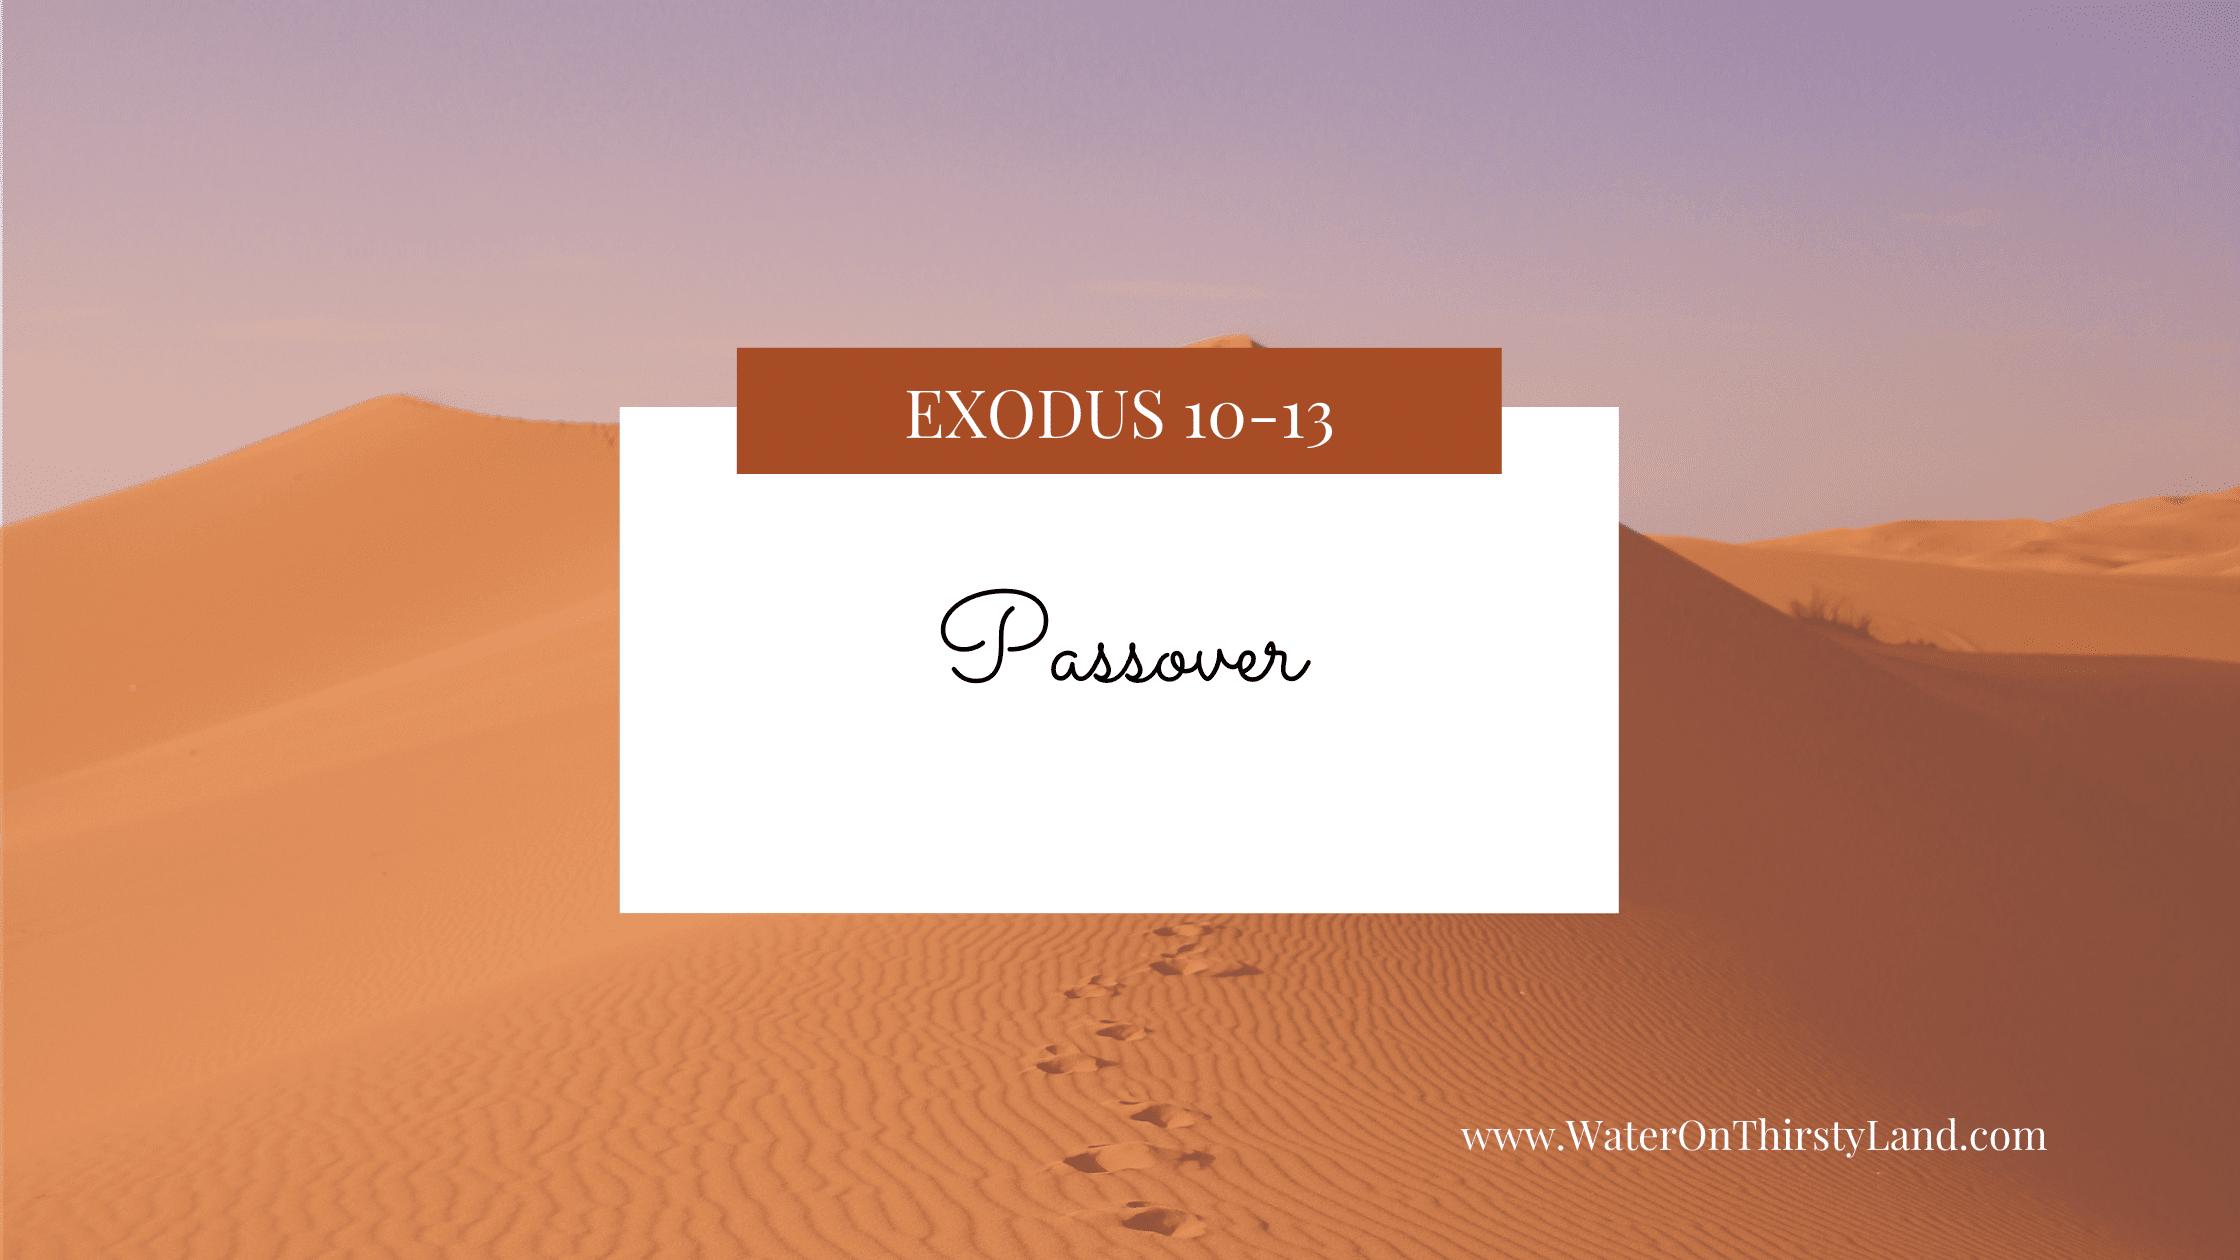 Exodus 10-13: Passover